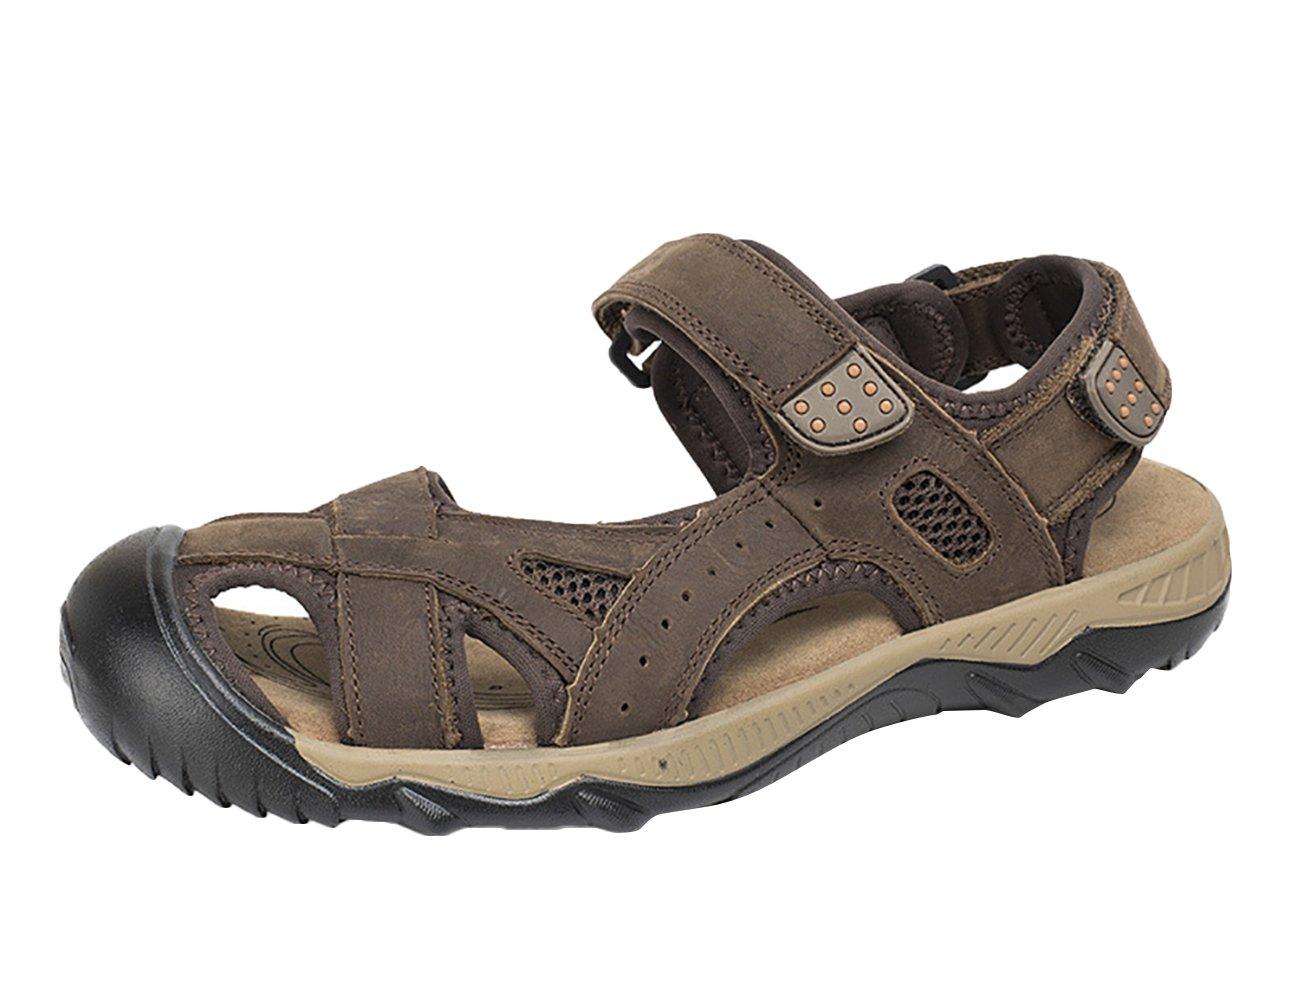 SK Studio Sandalias Hombre Montaña de Cuero Outdoor Transpirables Zapatos Con Velcro 45 EU Marron Oscuro